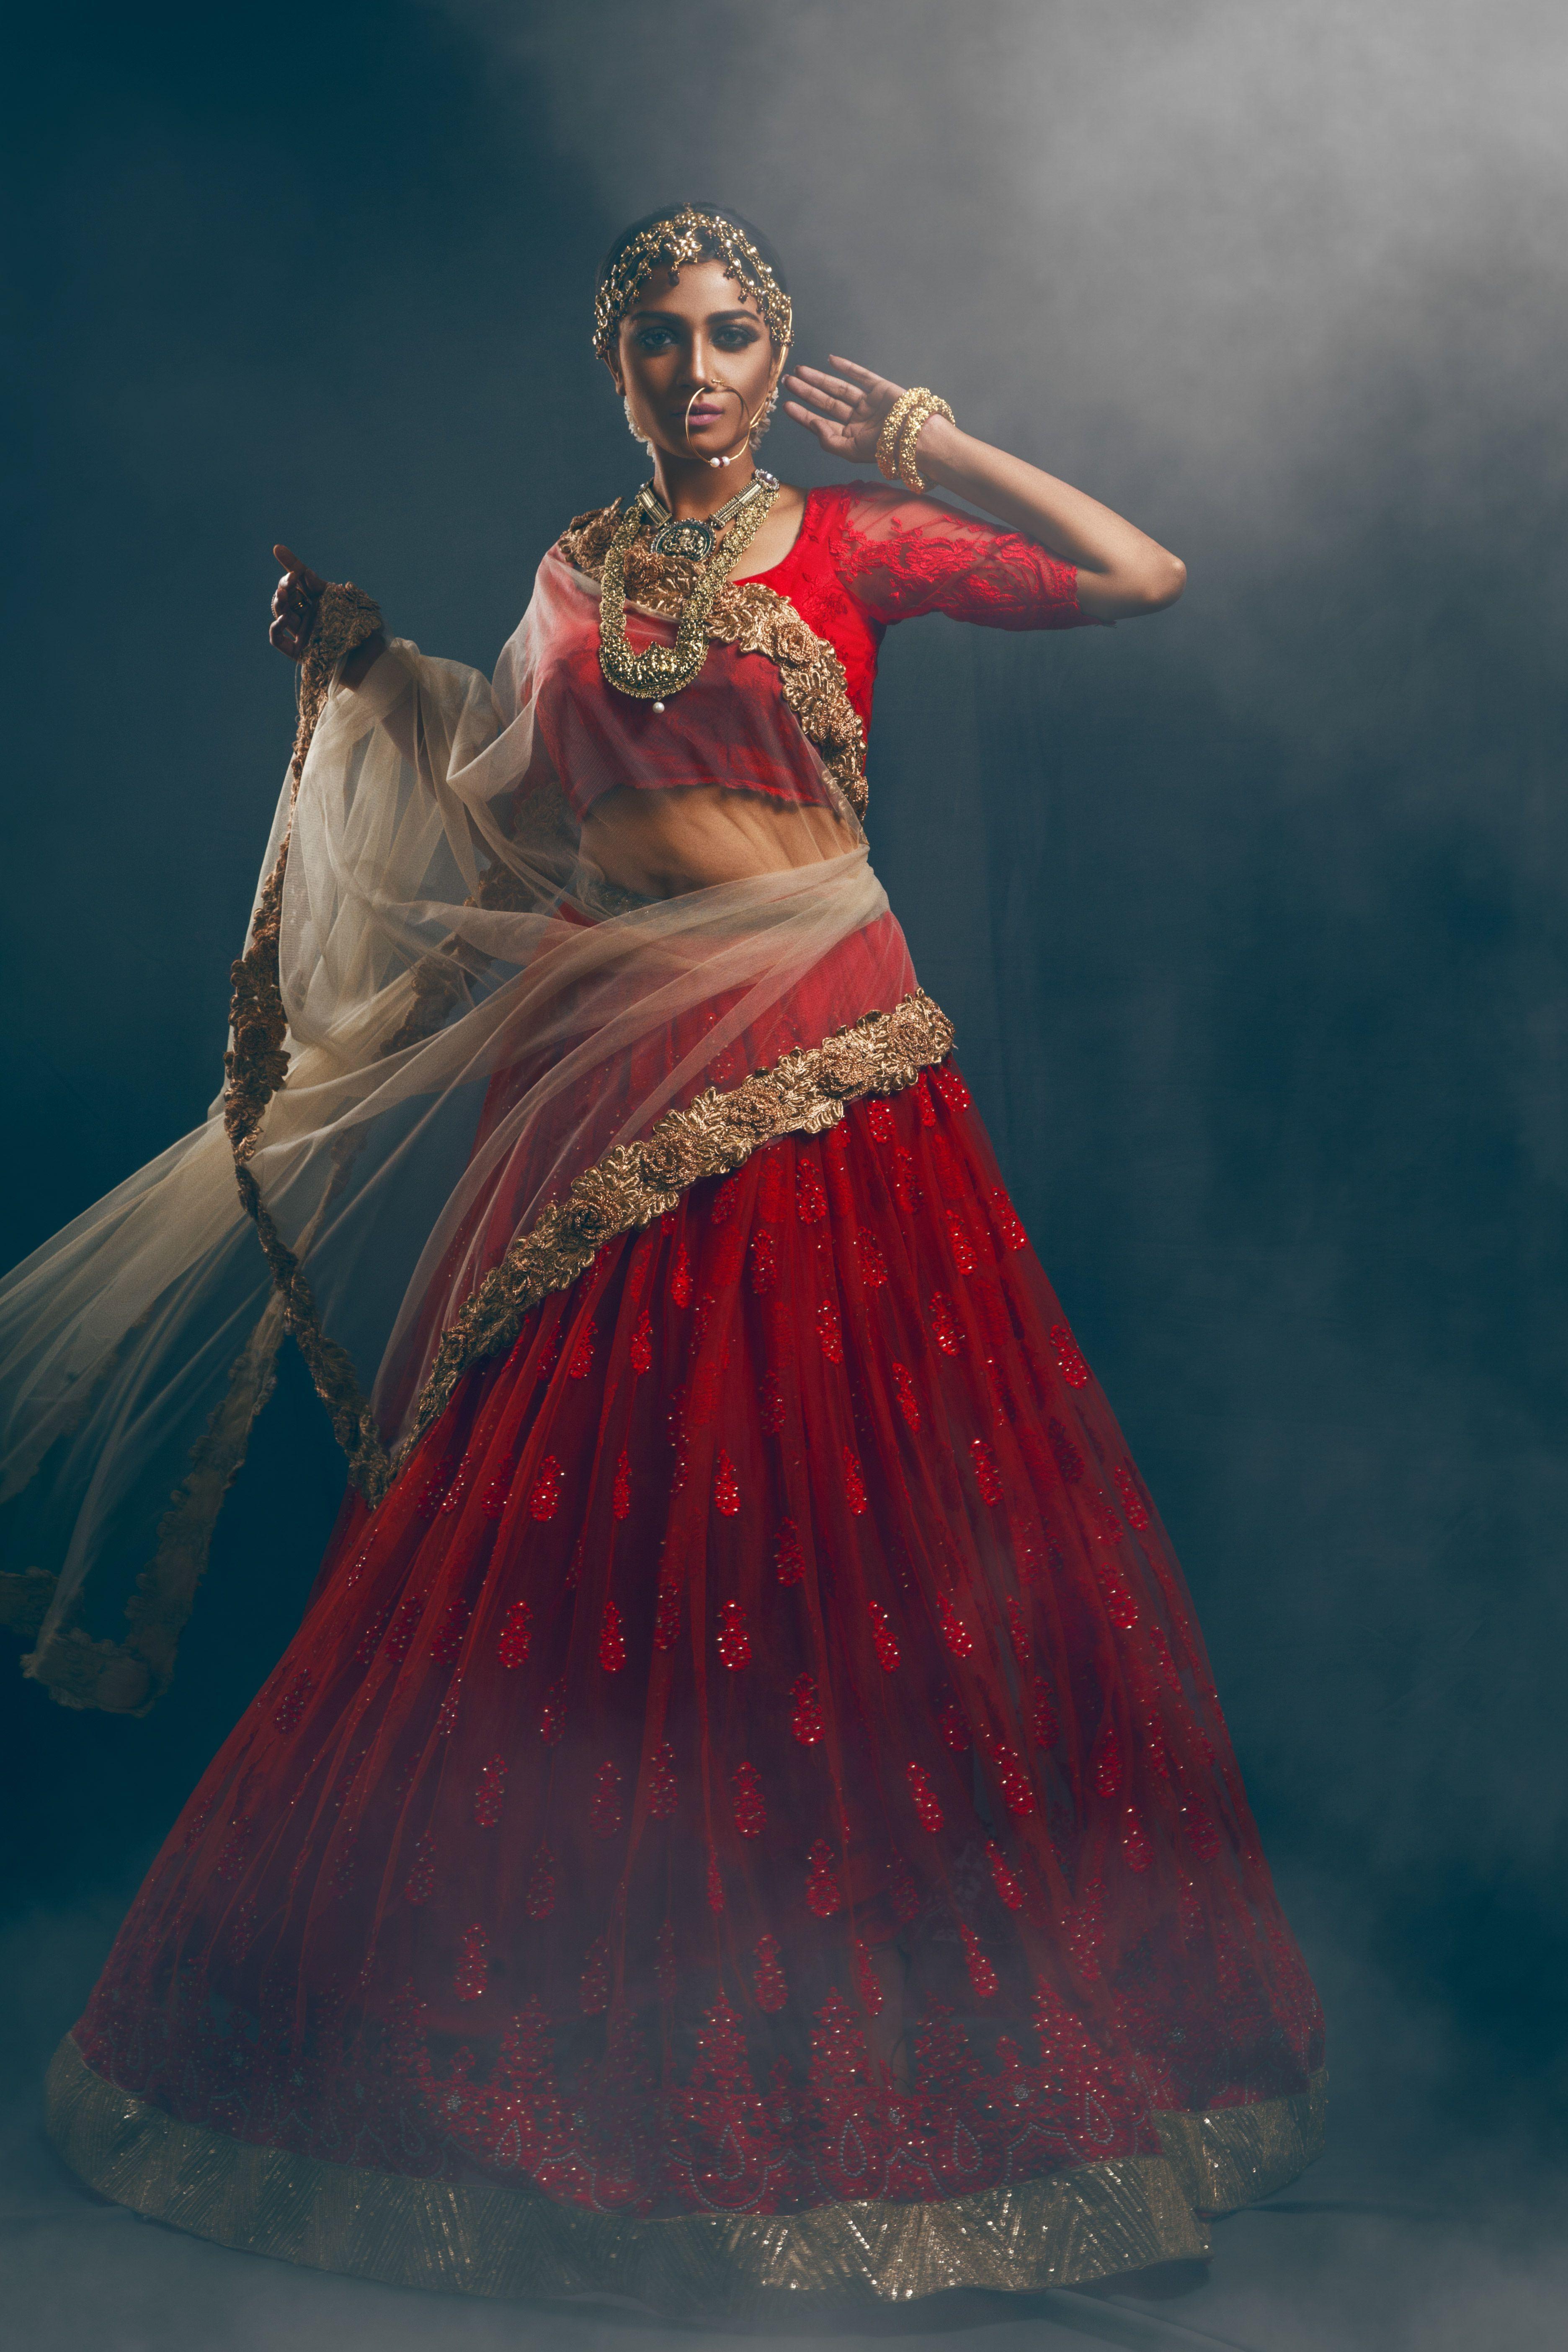 Dark Indian Beauty Sarah And Jegan Wedding Reception